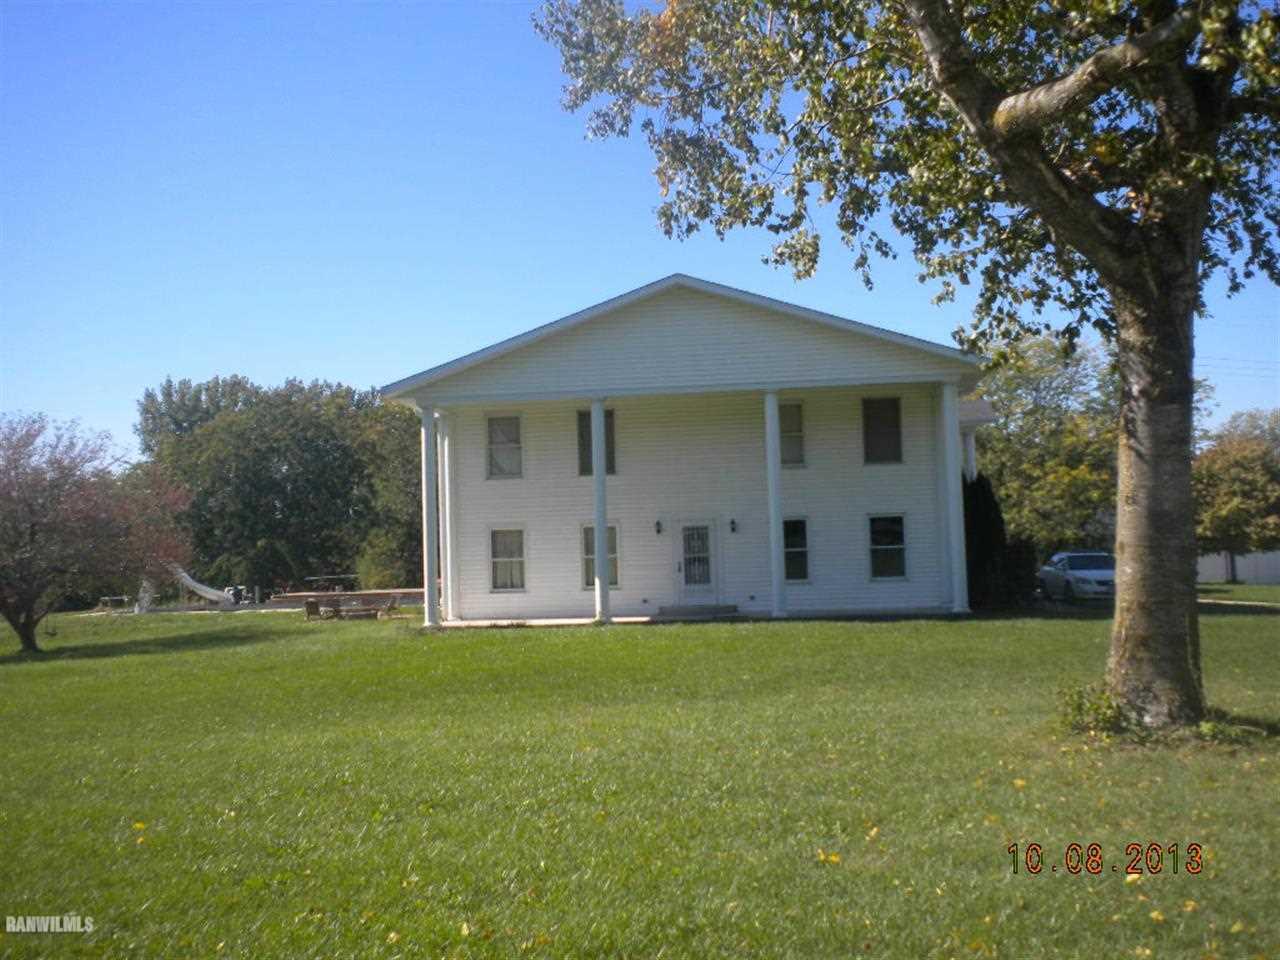 Real Estate for Sale, ListingId: 25602183, Savanna,IL61074